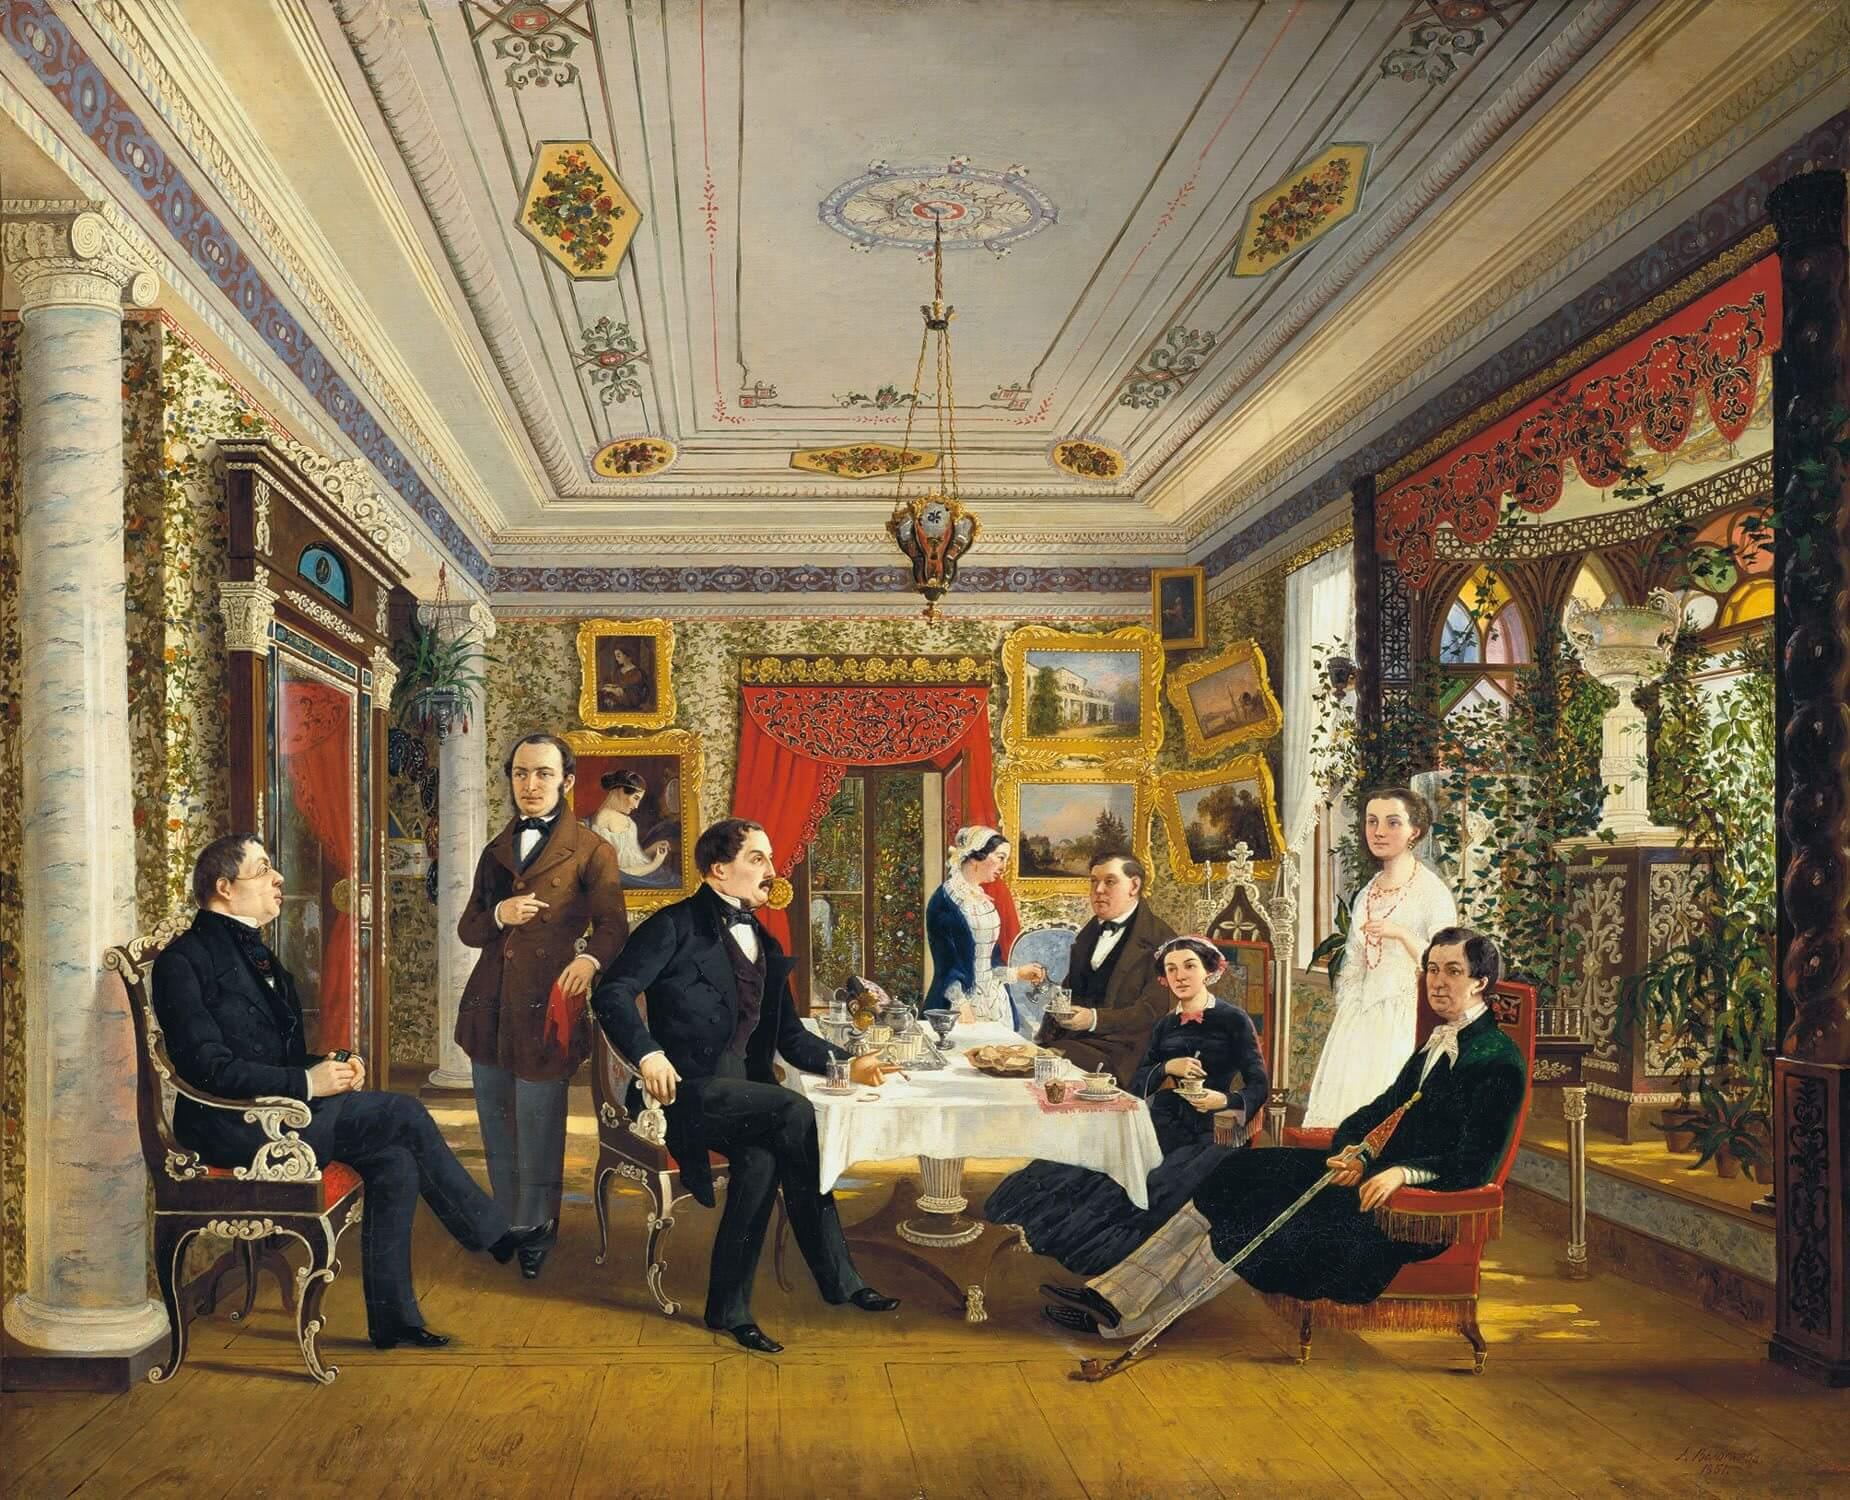 Е. А. Волосков «За чайным столом». 1851 г. Из коллекции Русского музея.